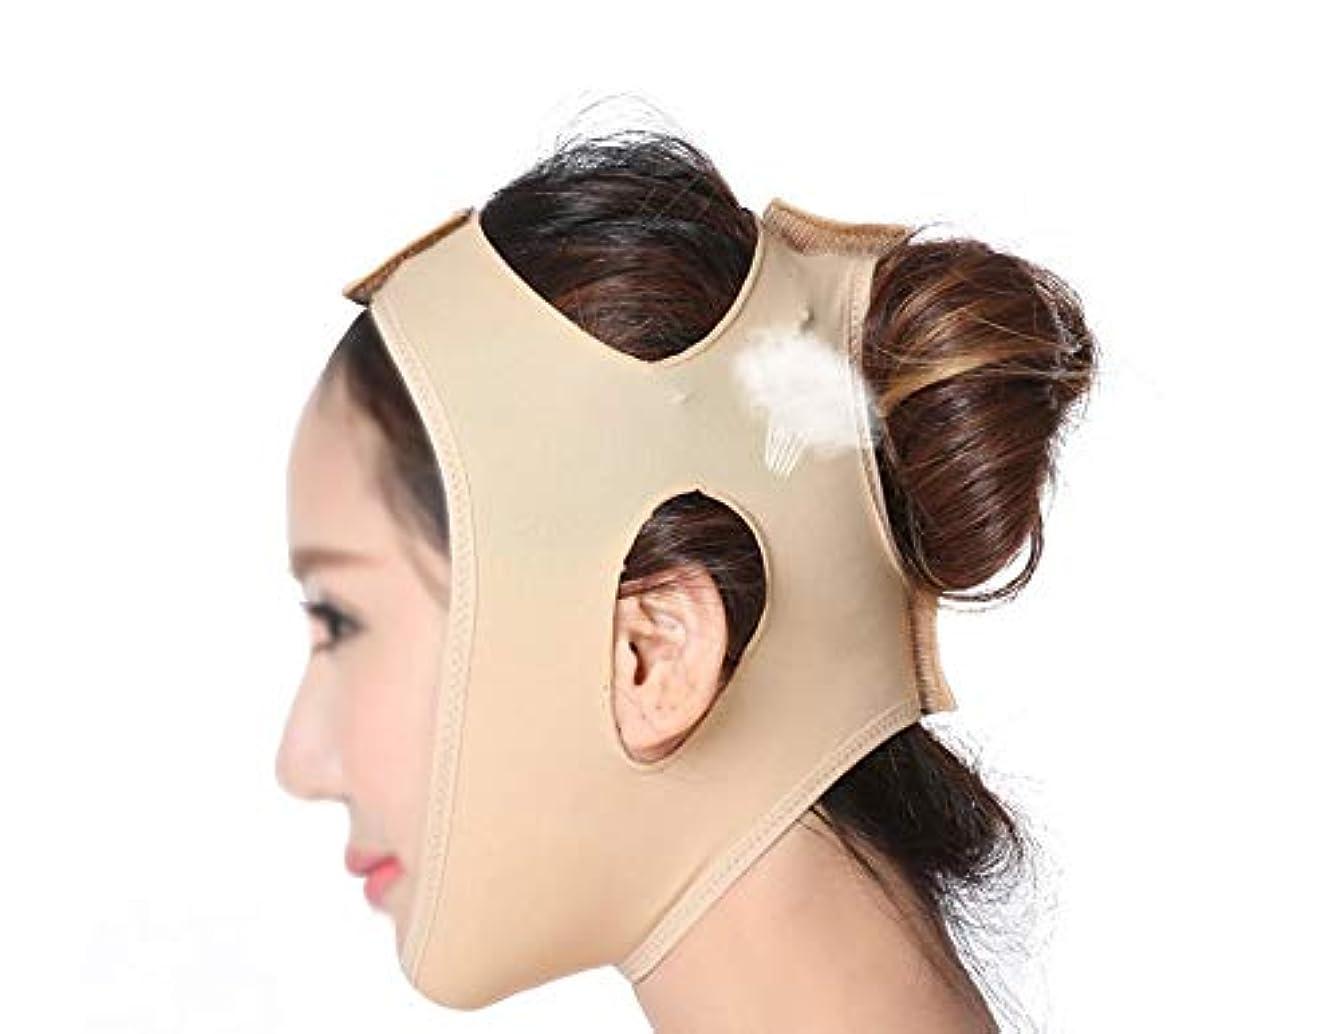 形成配管絶縁するLJK ファーミングフェイスマスク、フェイシャルマスク睡眠薄いフェイス包帯薄いフェイスマスクフェイスリフティングフェイスメロンフェイスVフェイスリフティングファーミングダブルチン美容ツール (Size : XXL)